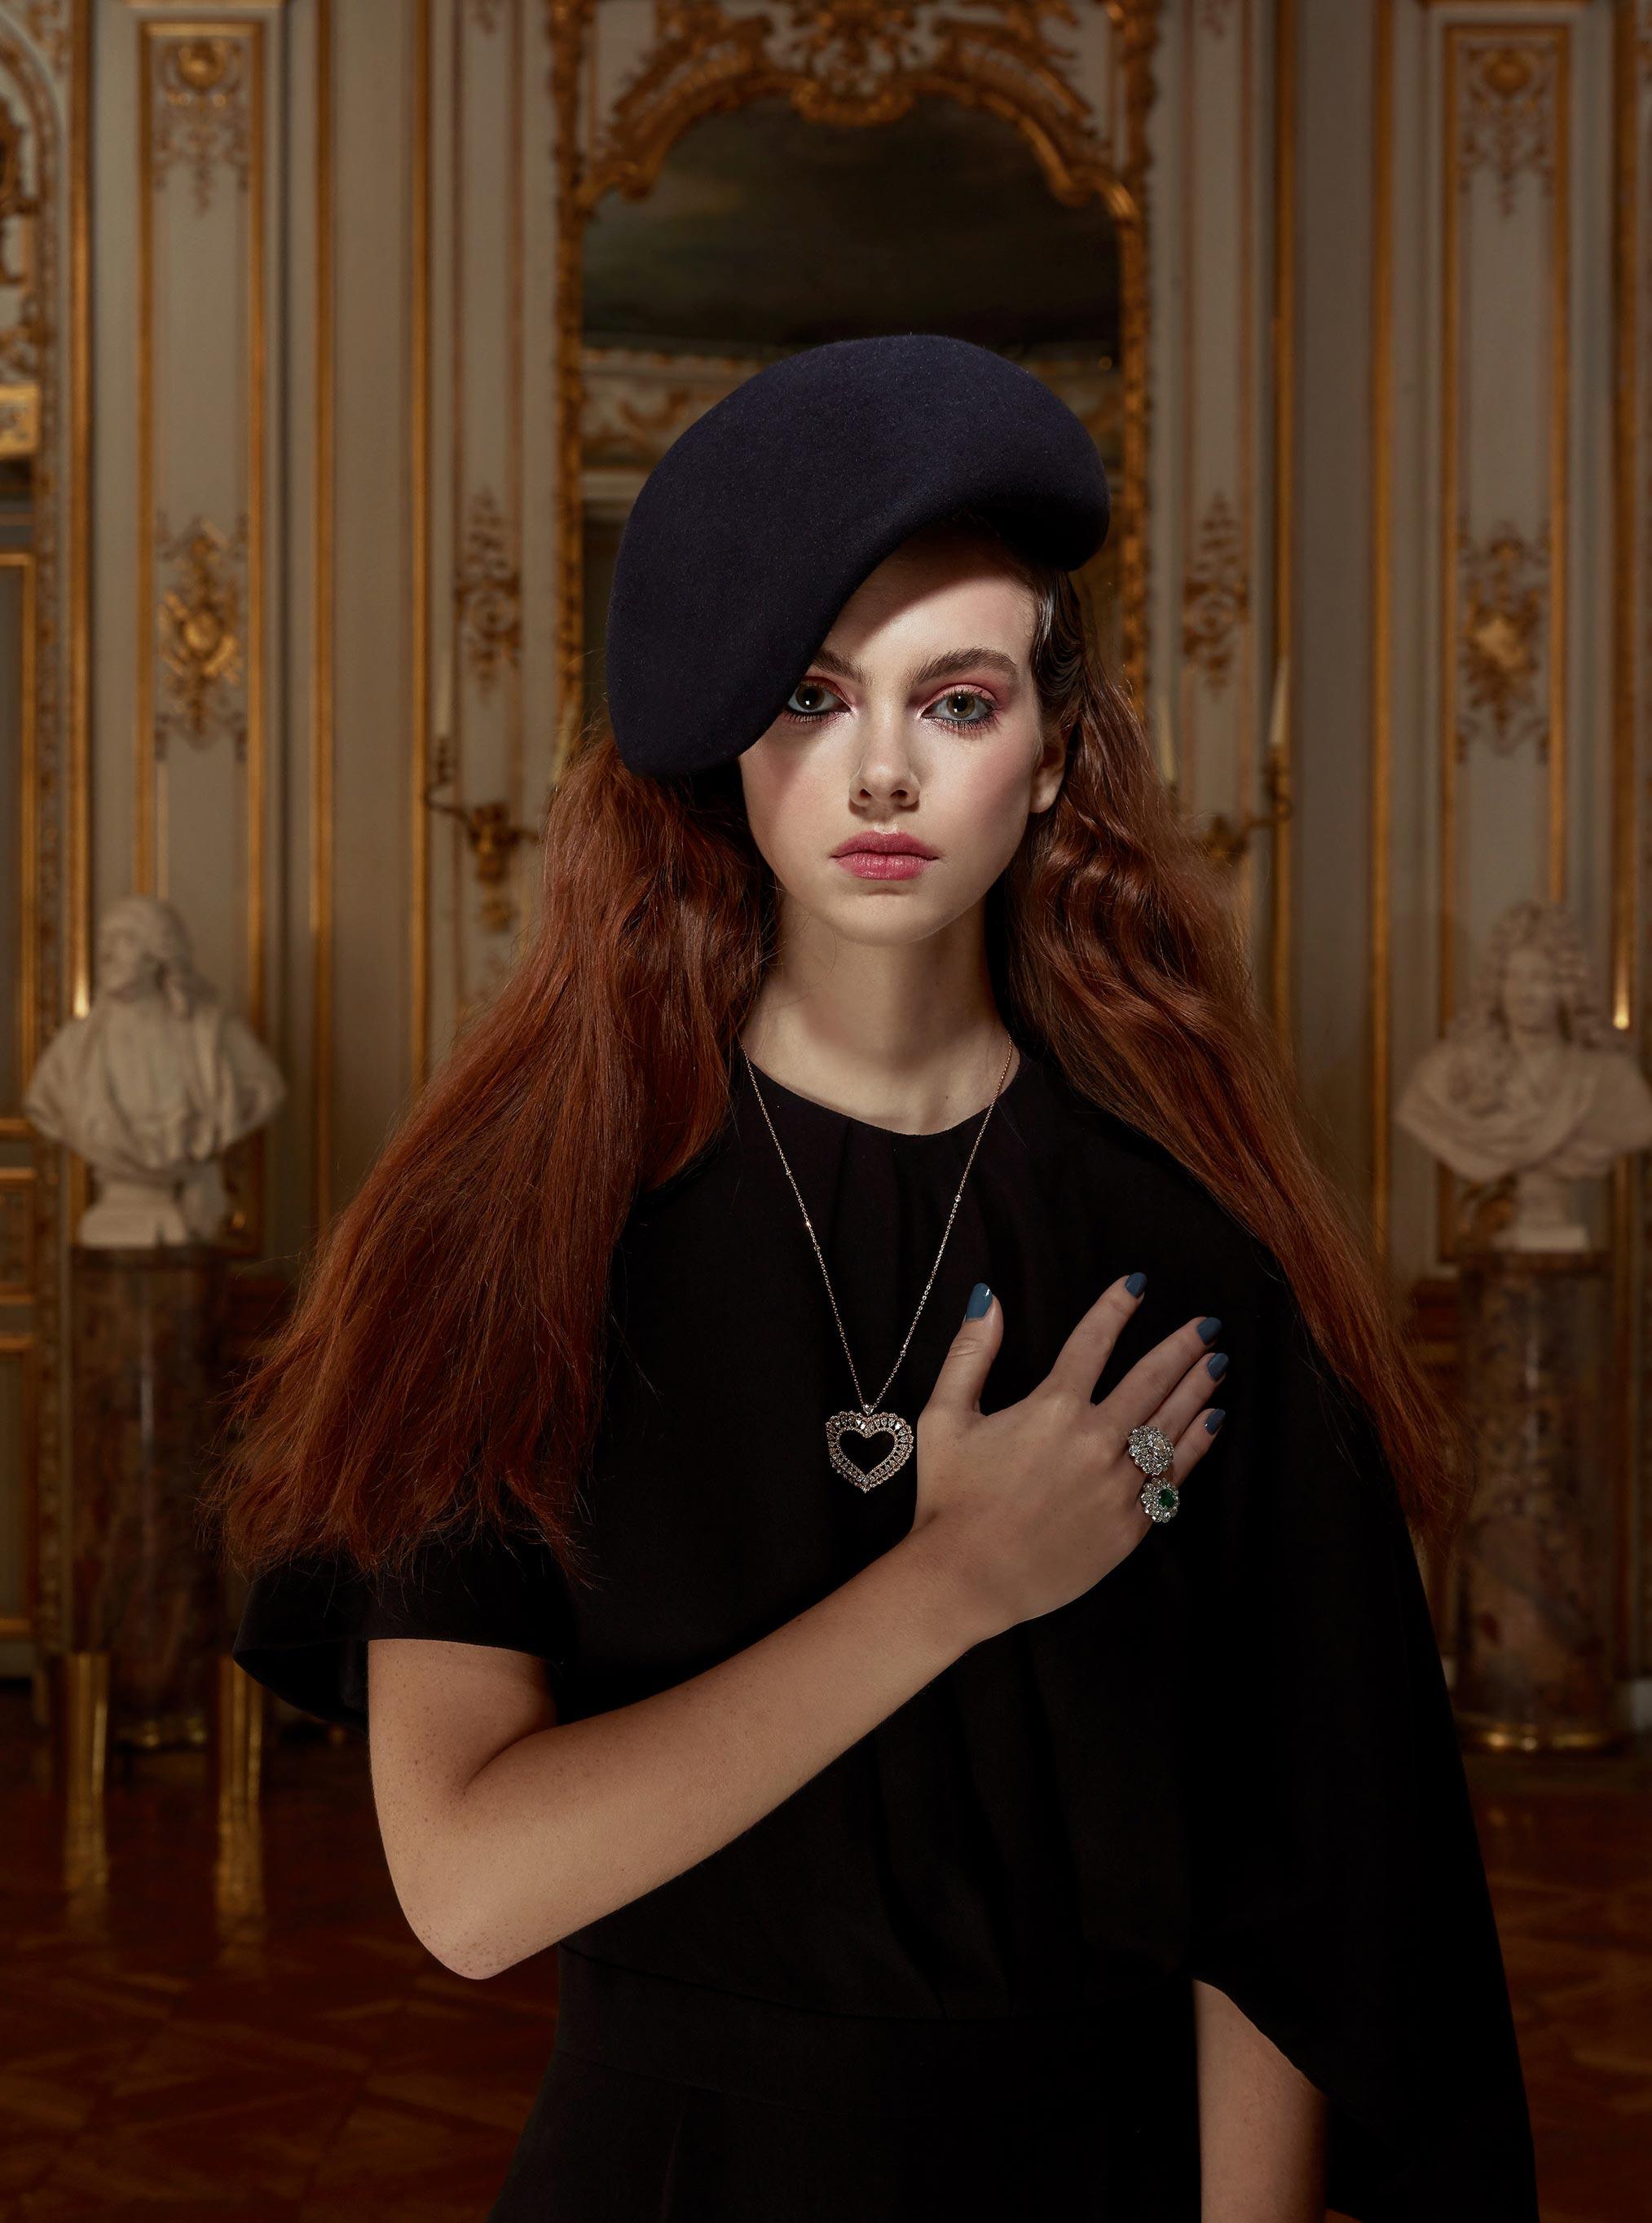 Лоана Жульен демонстрирует образцы высокой моды / фото 11